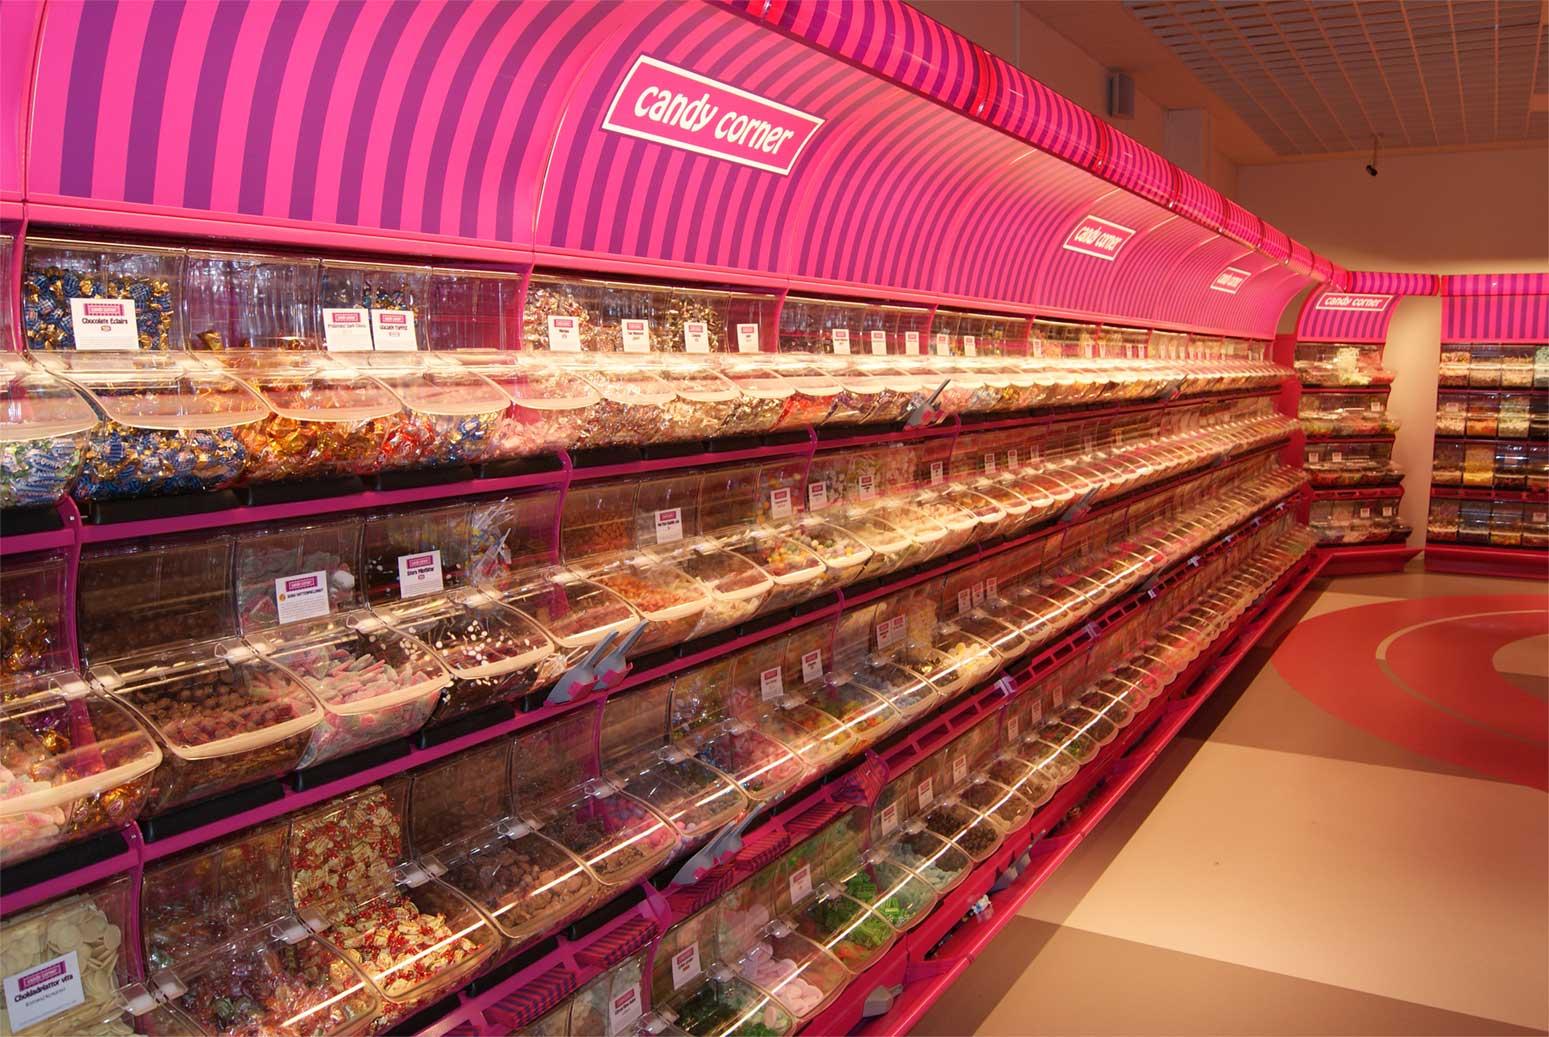 Butiksinredning för lösviktsgodis, Candy Corner